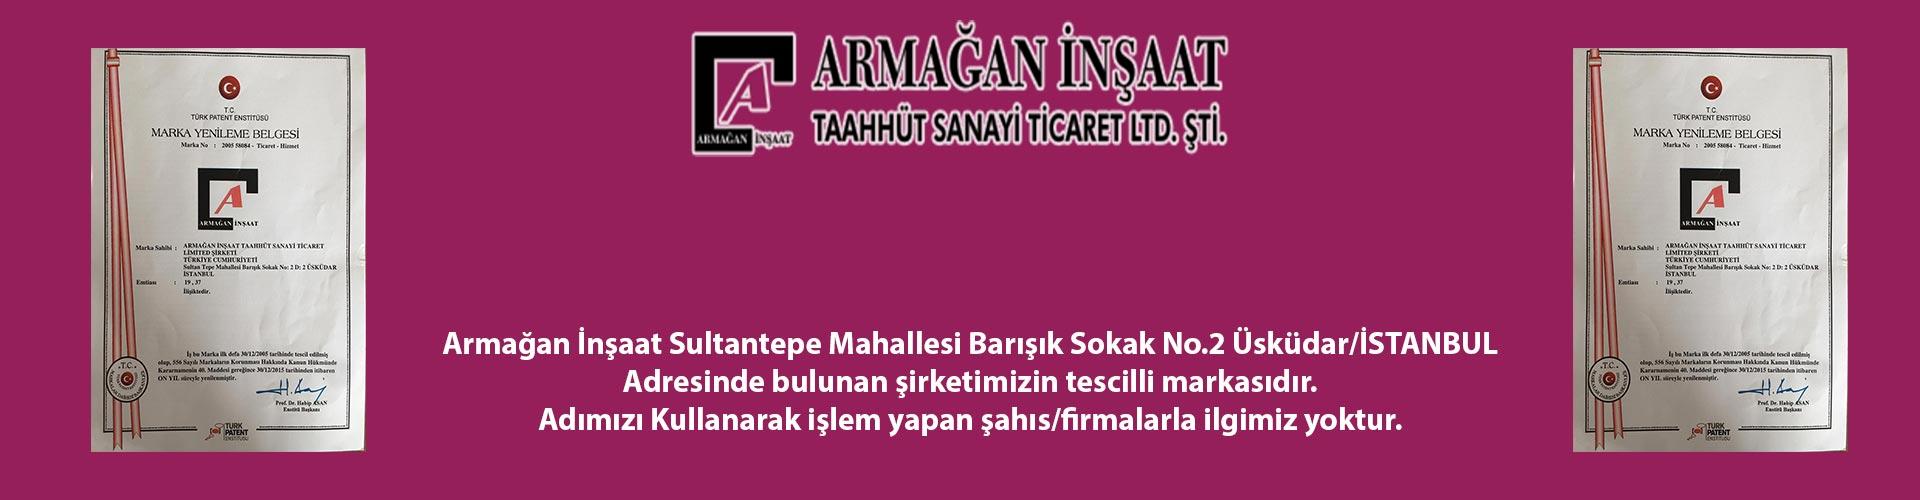 ÖNEMLİ BİLGİLENDİRME!